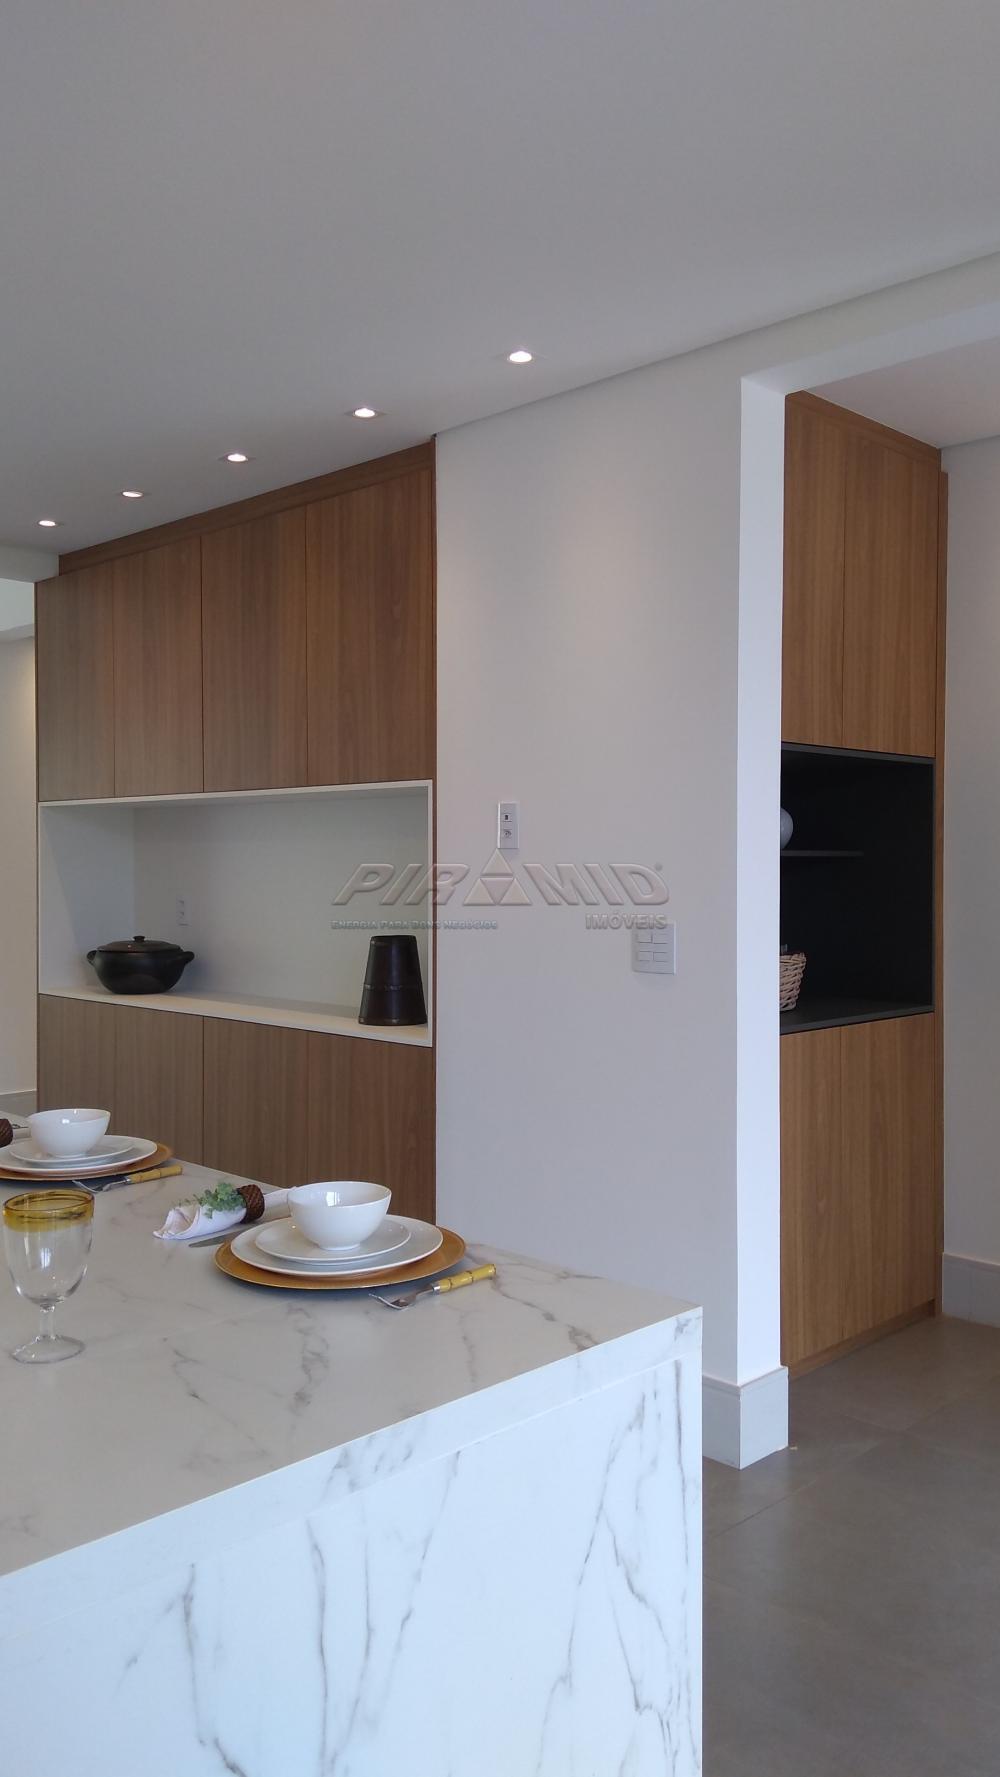 Comprar Casa / Condomínio em Ribeirão Preto apenas R$ 1.270.000,00 - Foto 8